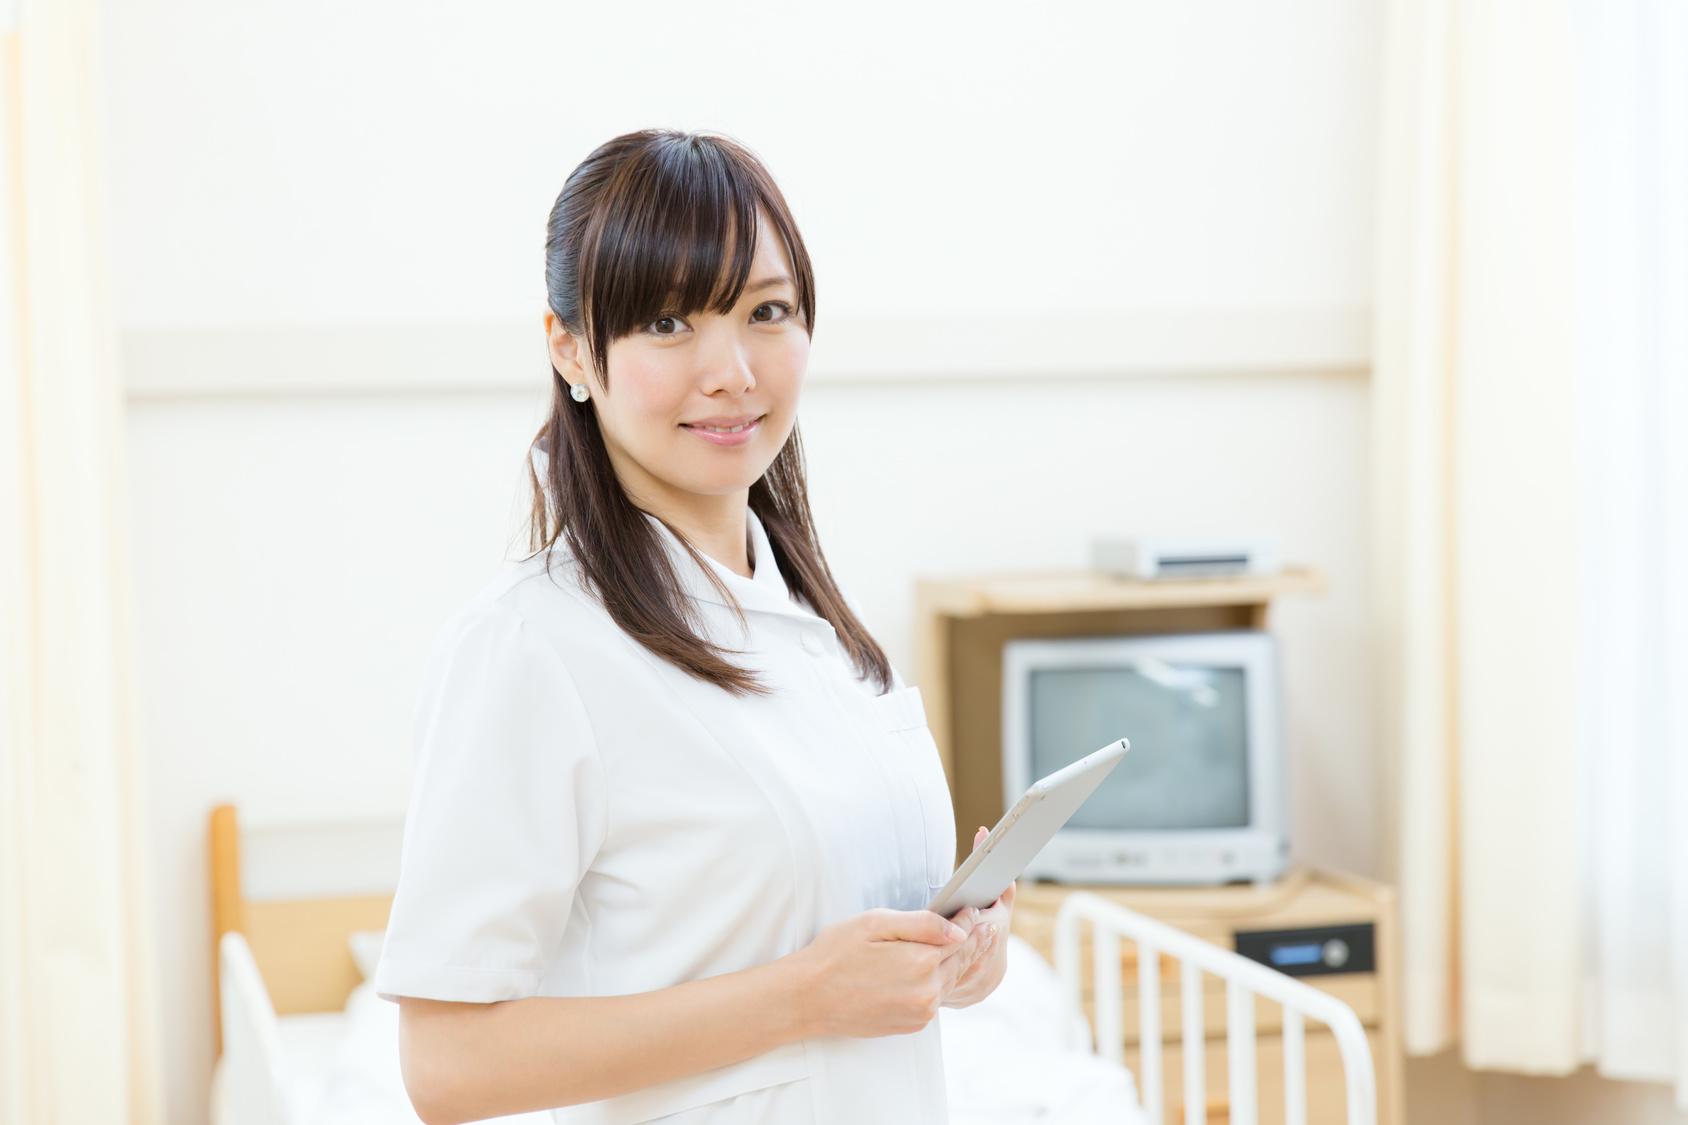 入院の大部屋って何?室料ってどういう計算になるの?など、入院の時に感じやすい疑問にお答えします!